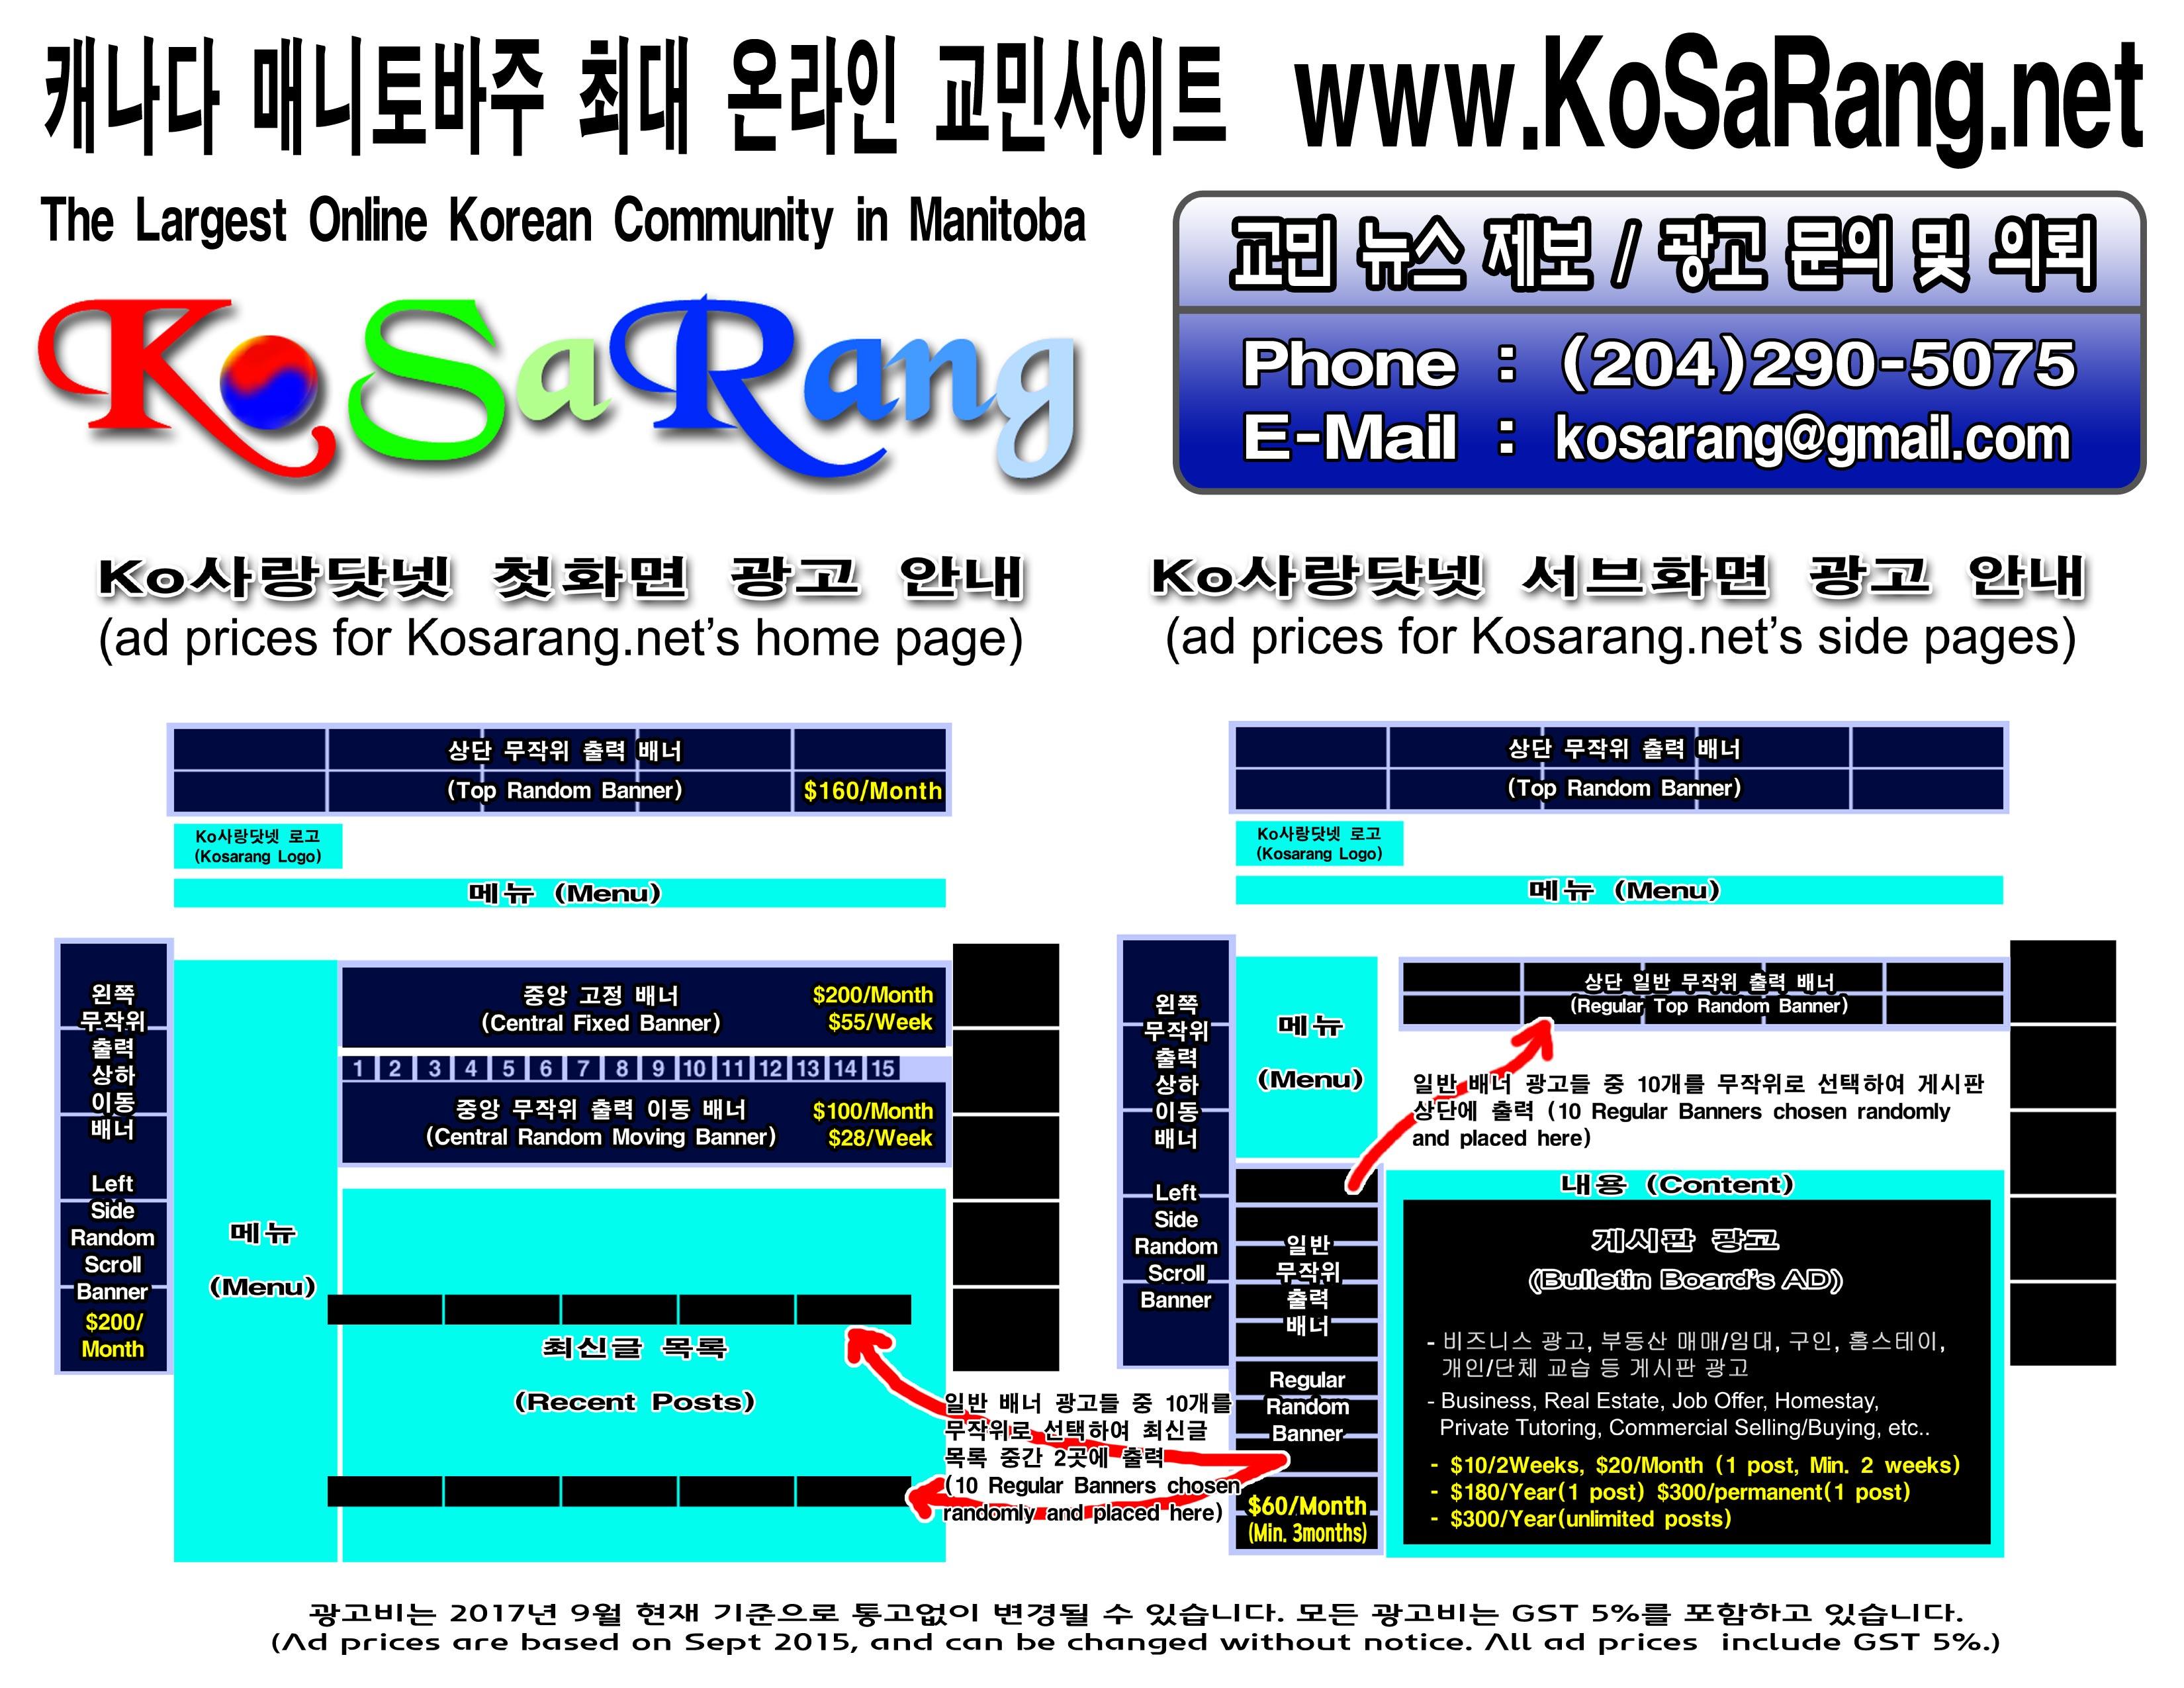 Kosarang_AD_Prices_201709.jpg